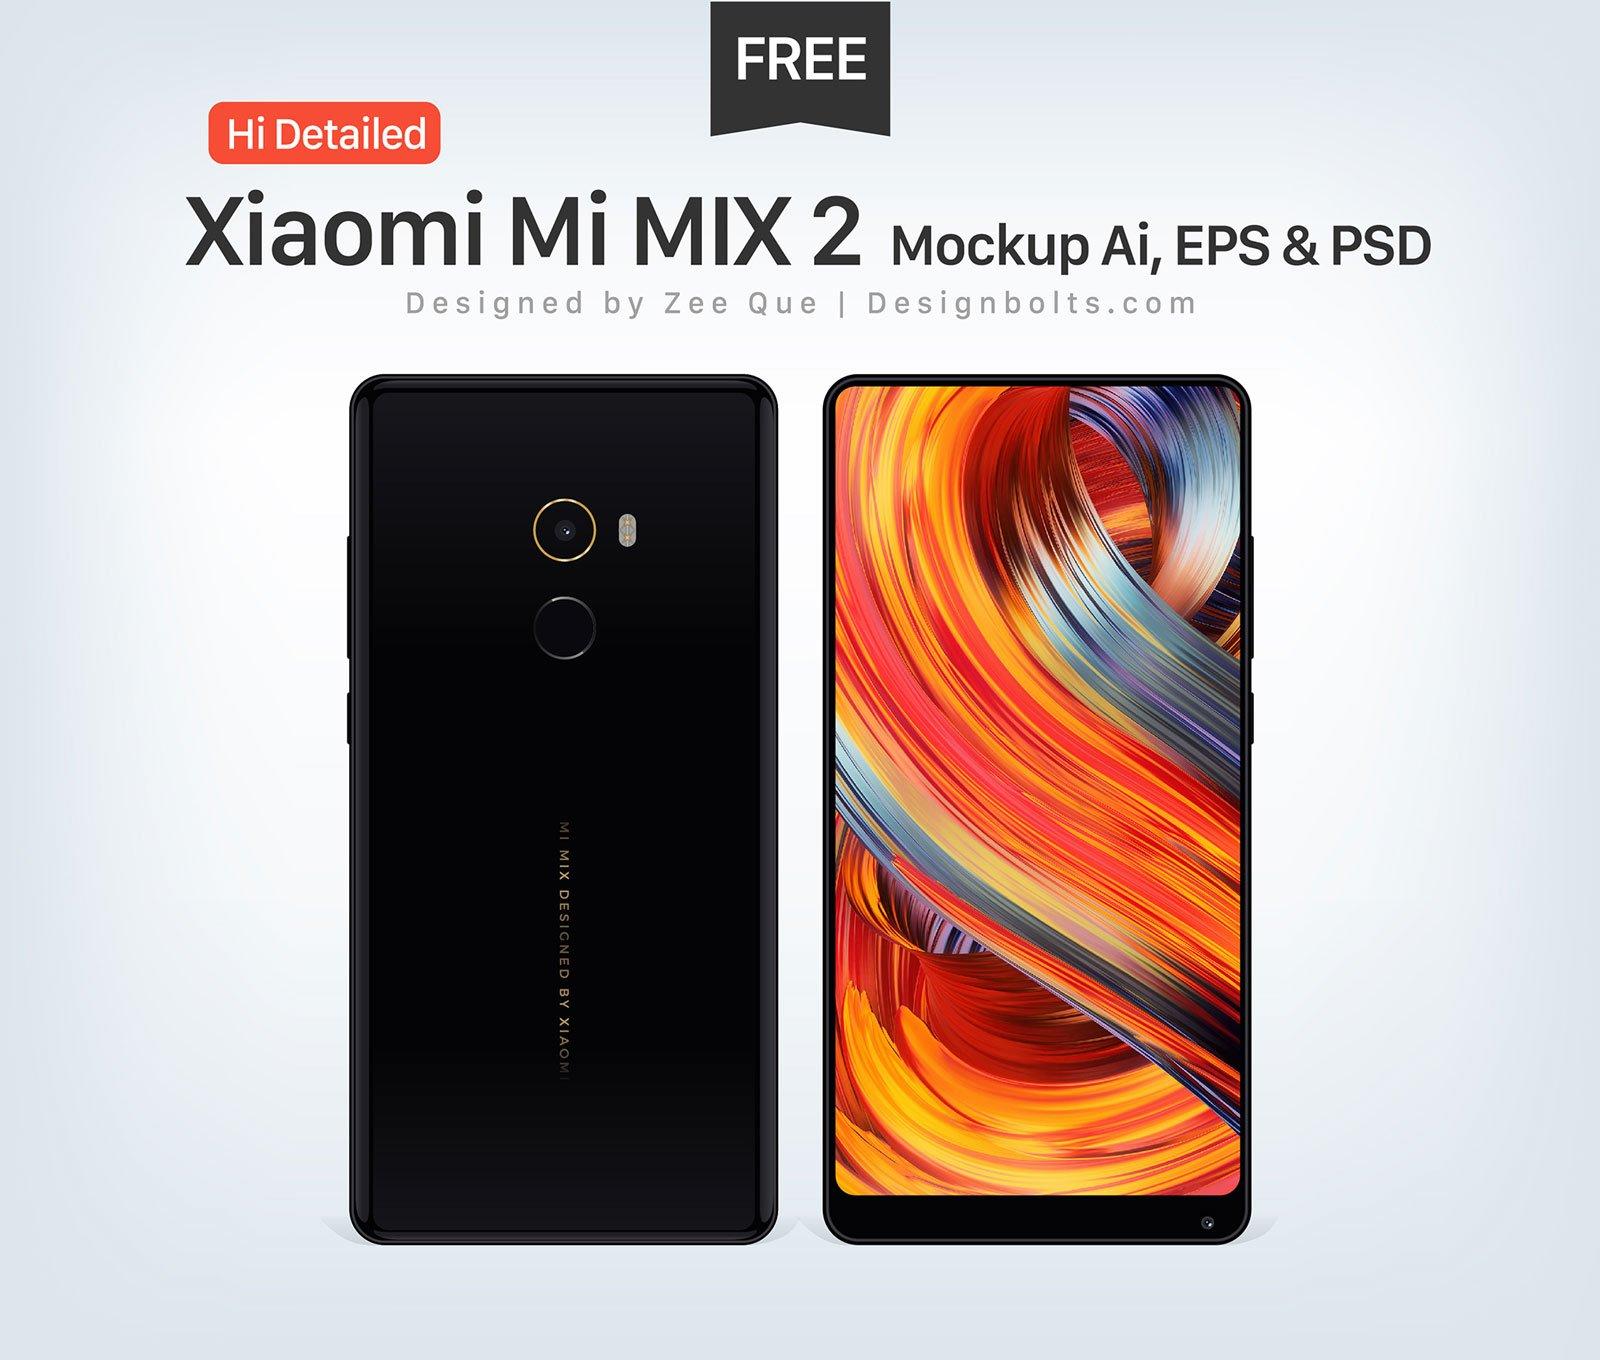 Free-Xiaomi-Mi-Mix-2-Mockup-Ai-01-01